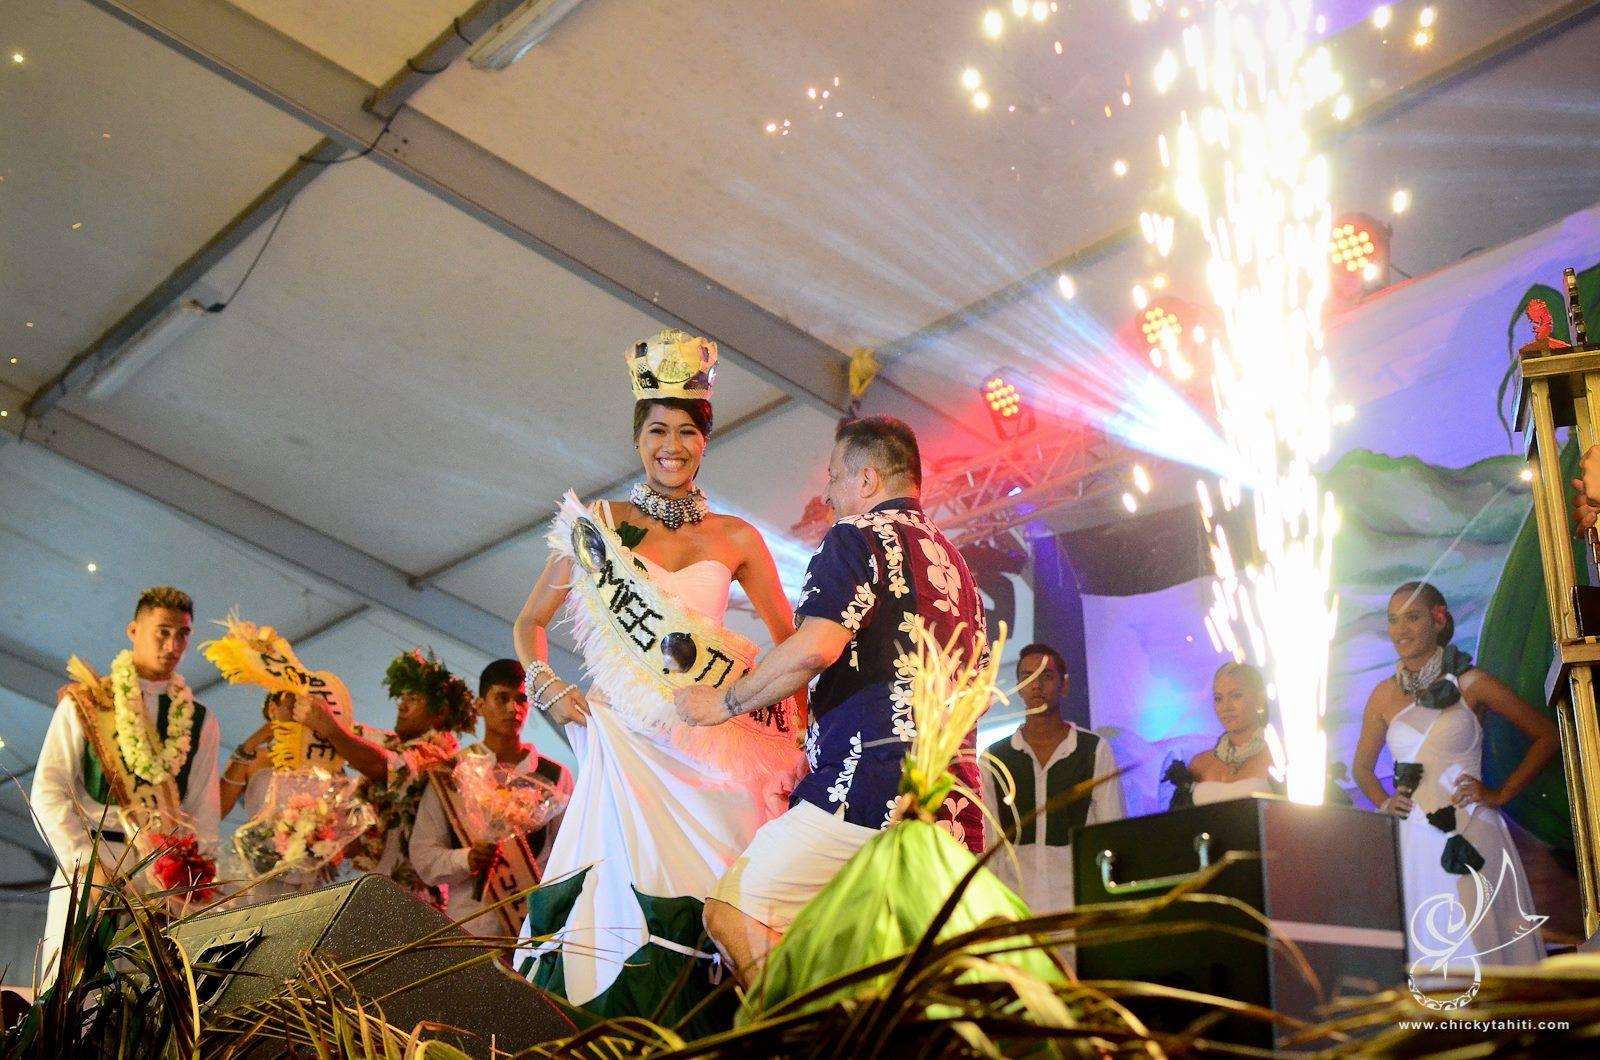 Lehani Fanaurai représentera l'archipel des Australes à l'élection de Miss Tahiti.